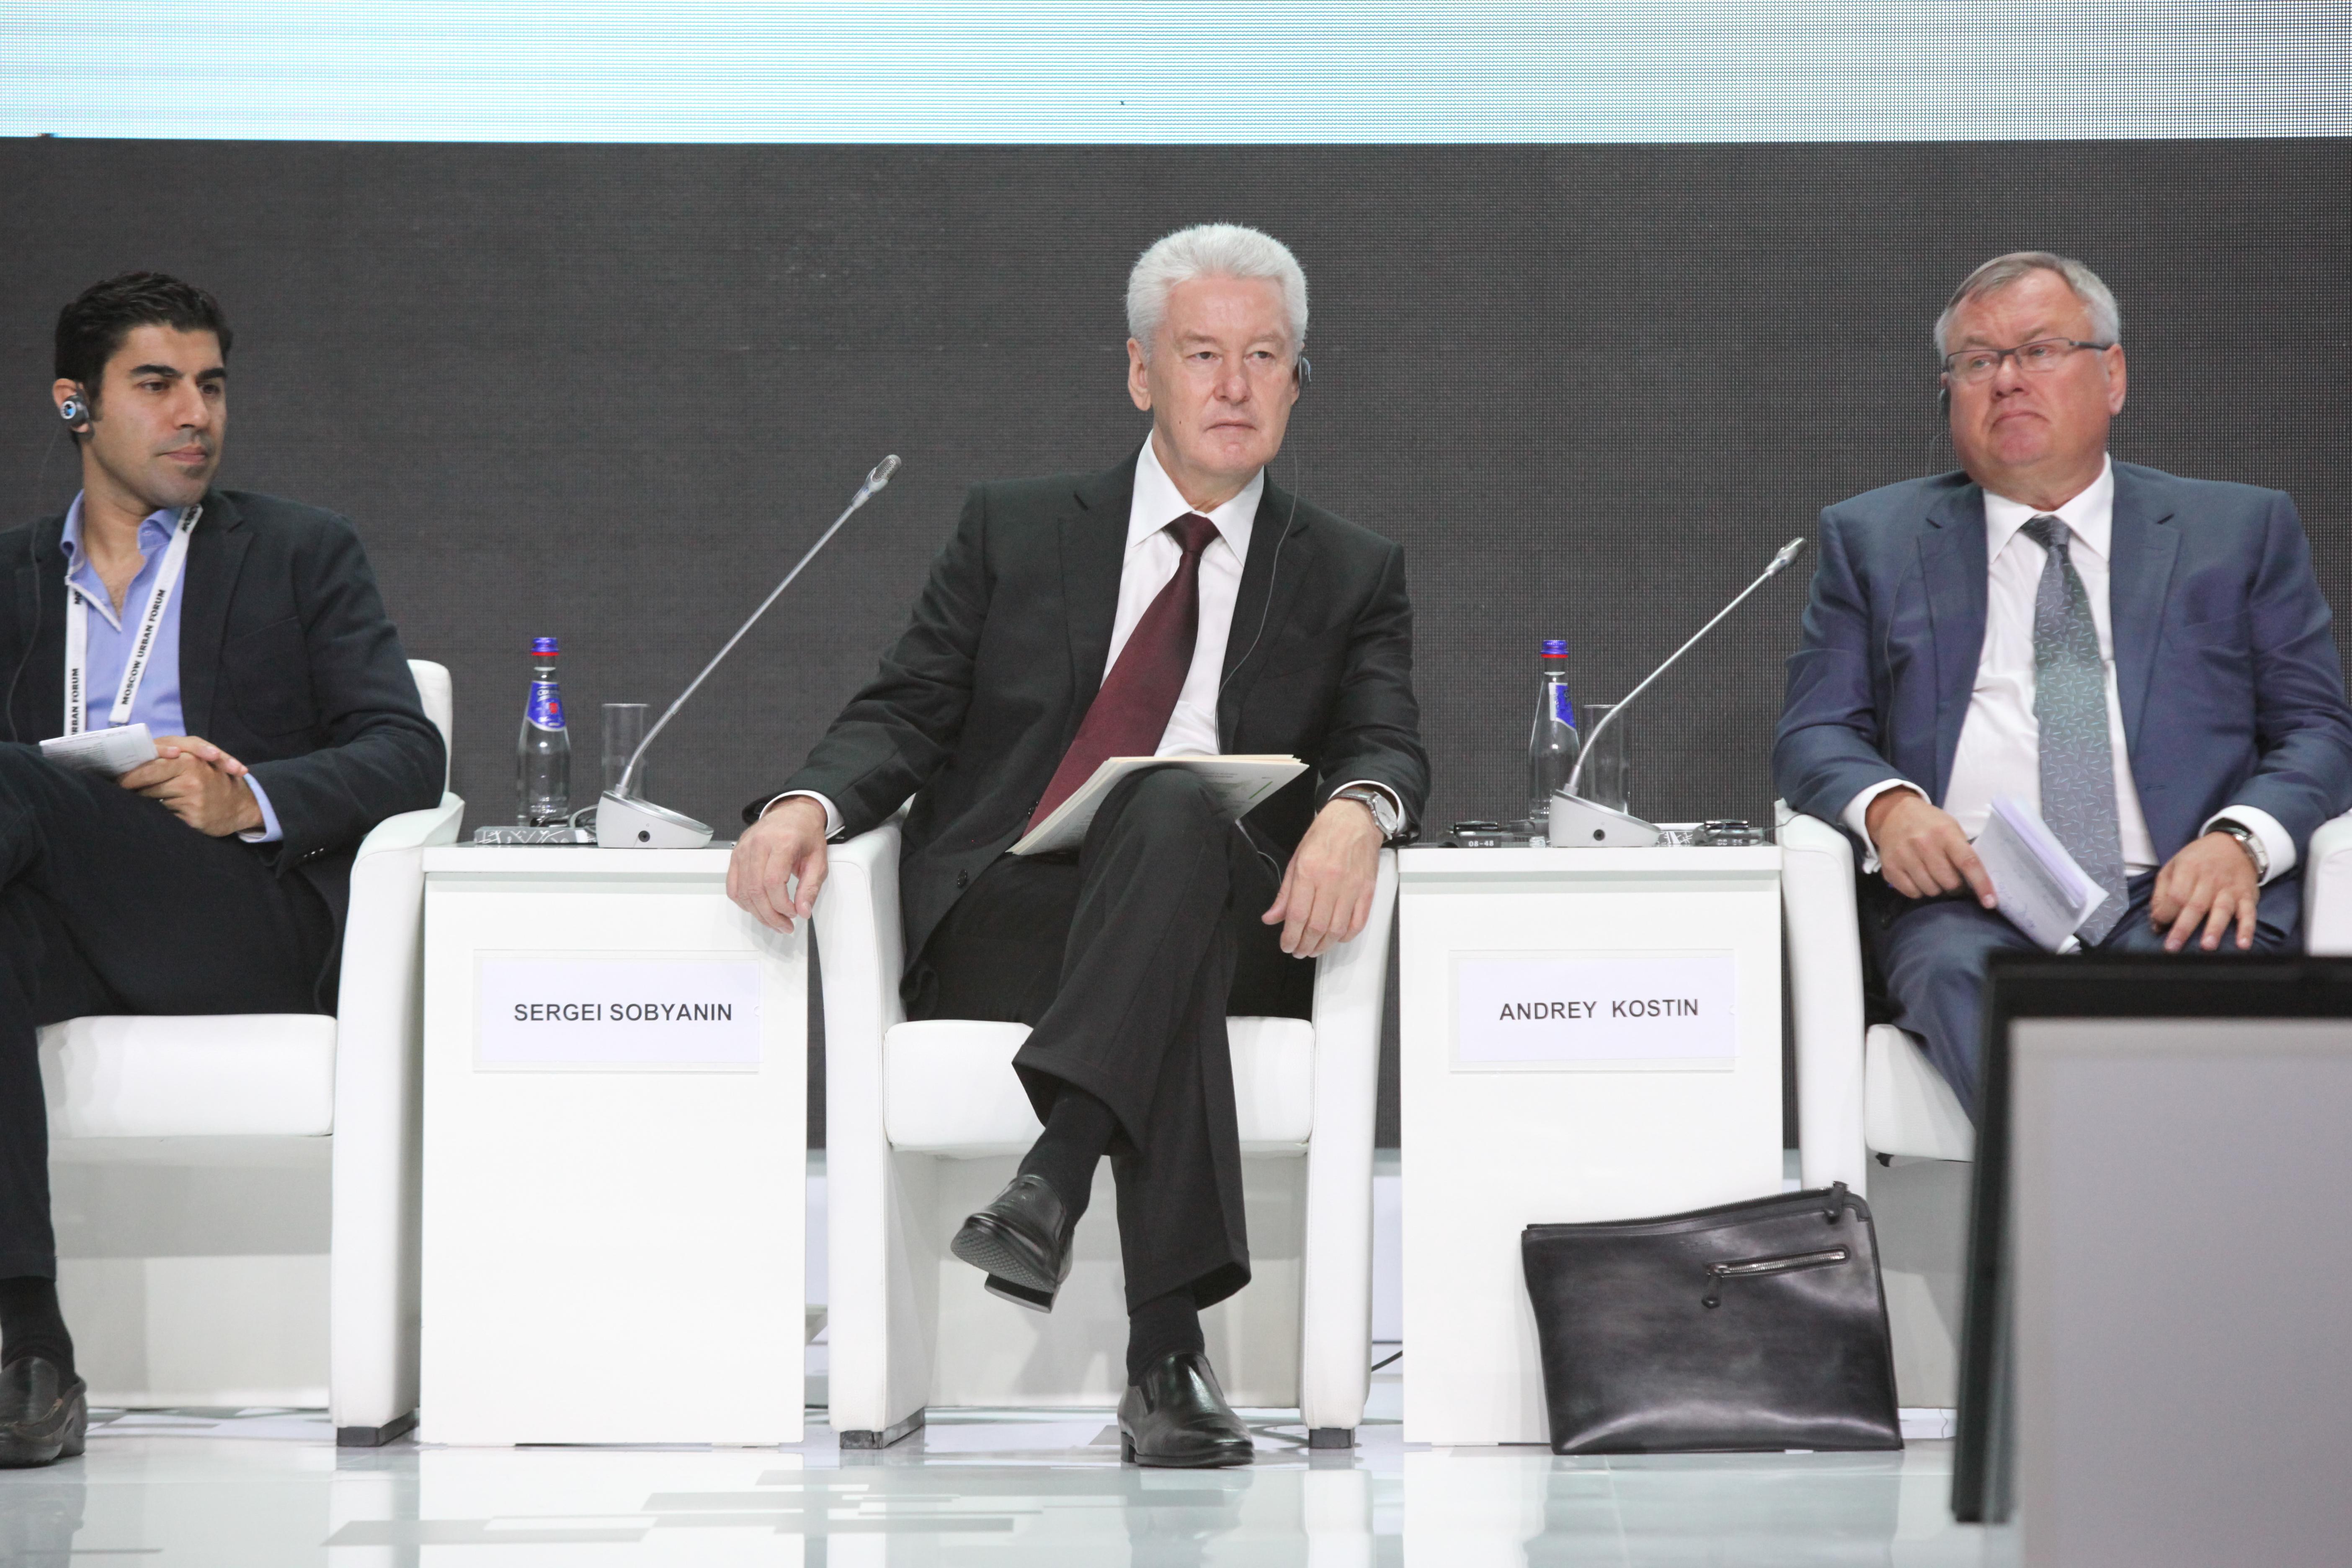 Мэр Собянин и глава ВТБ Костин на Московском урбанистическом форуме